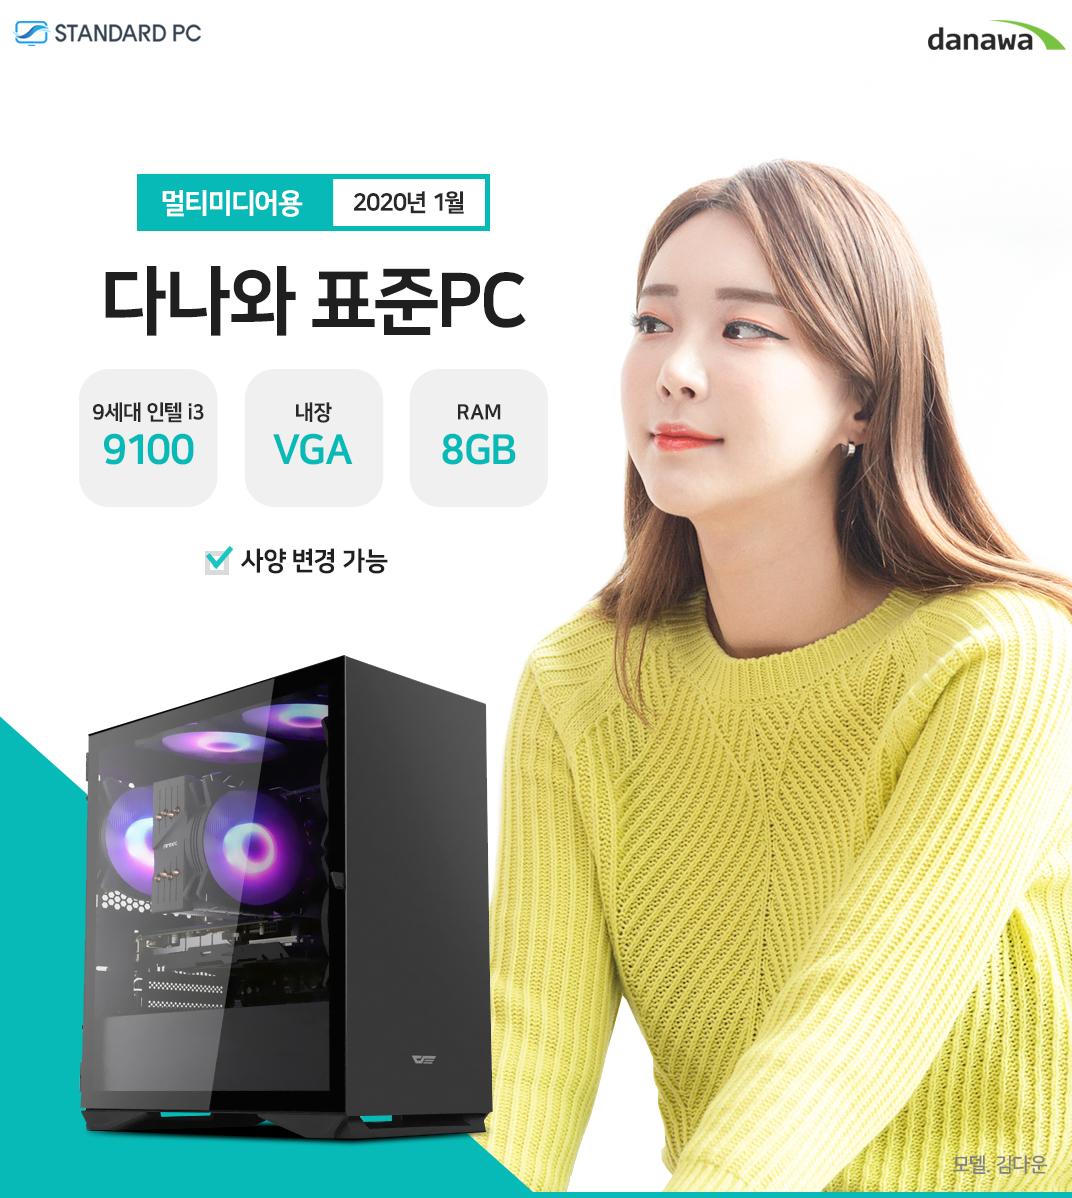 2020년 01월 다나와 표준PC 멀티미디어용 인텔 코어i3-9세대 9100 내장 VGA RAM 4G 모델 김다운